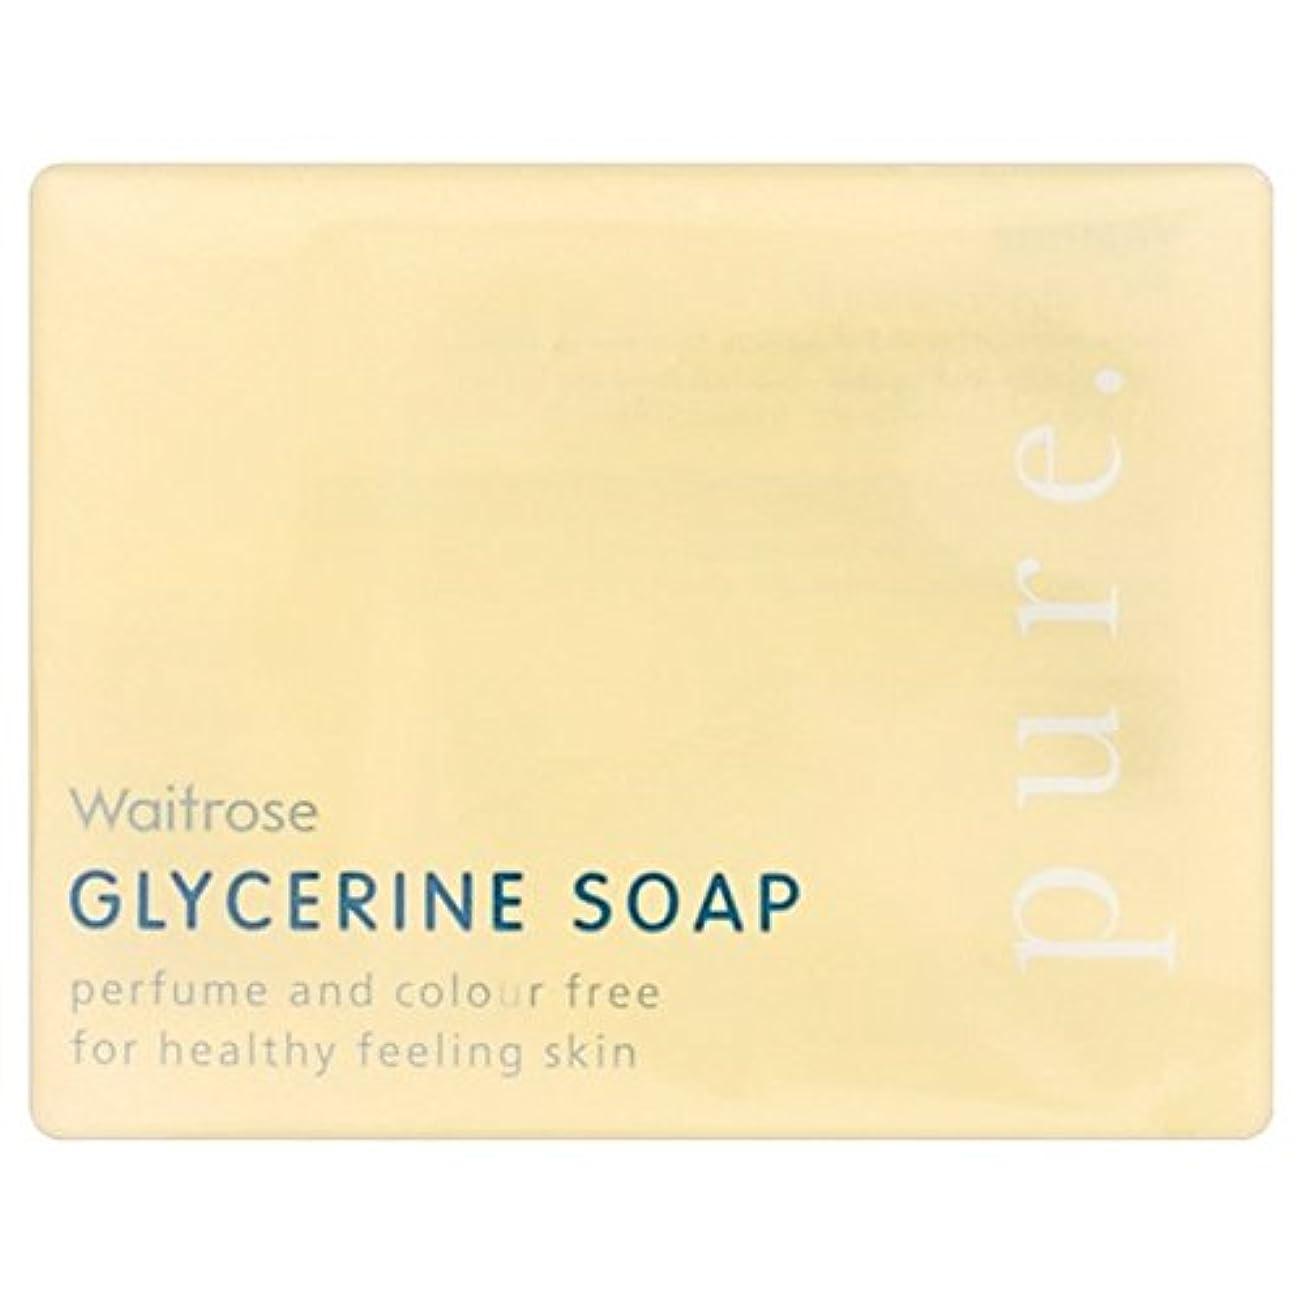 オーラル逃す十分Pure Glycerine Soap Waitrose 100g (Pack of 6) - 純粋なグリセリンソープウェイトローズの100グラム x6 [並行輸入品]